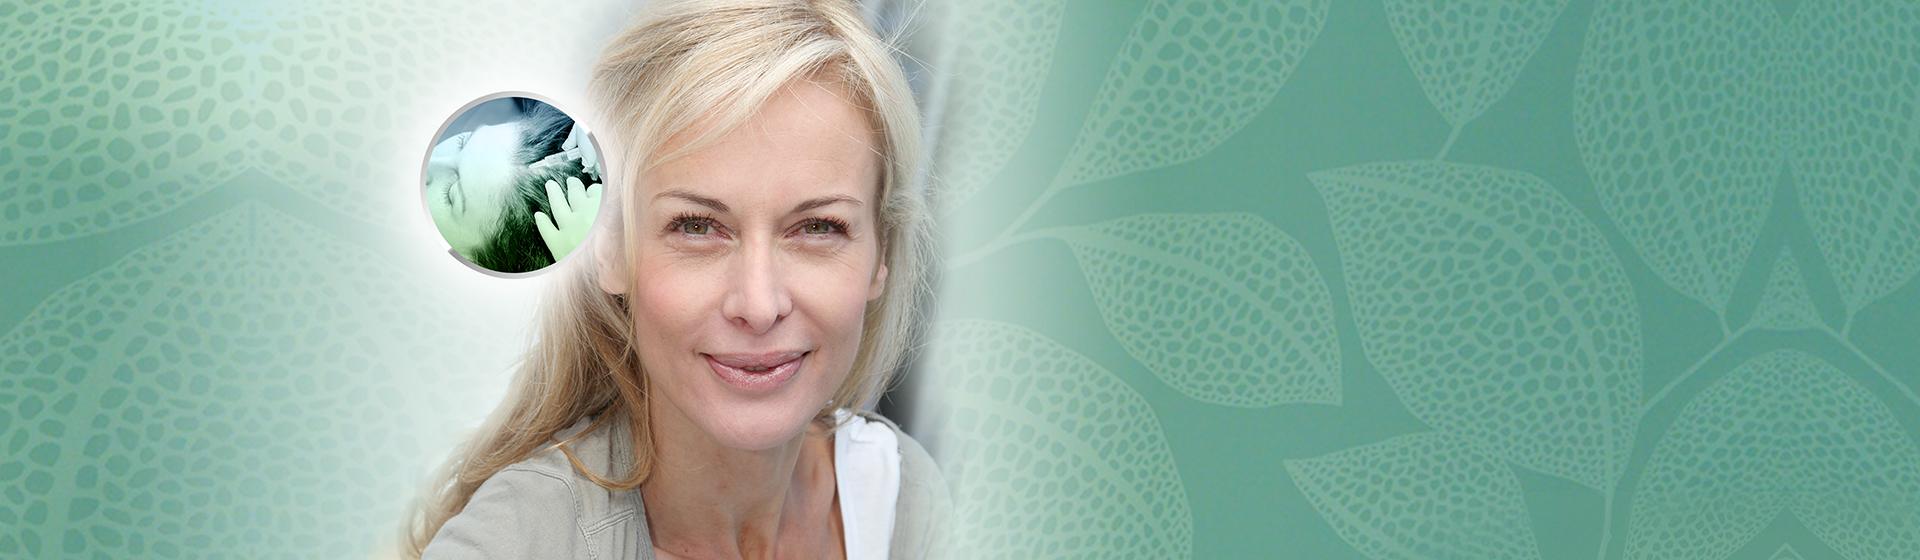 Women's Hair Loss & Alopecia